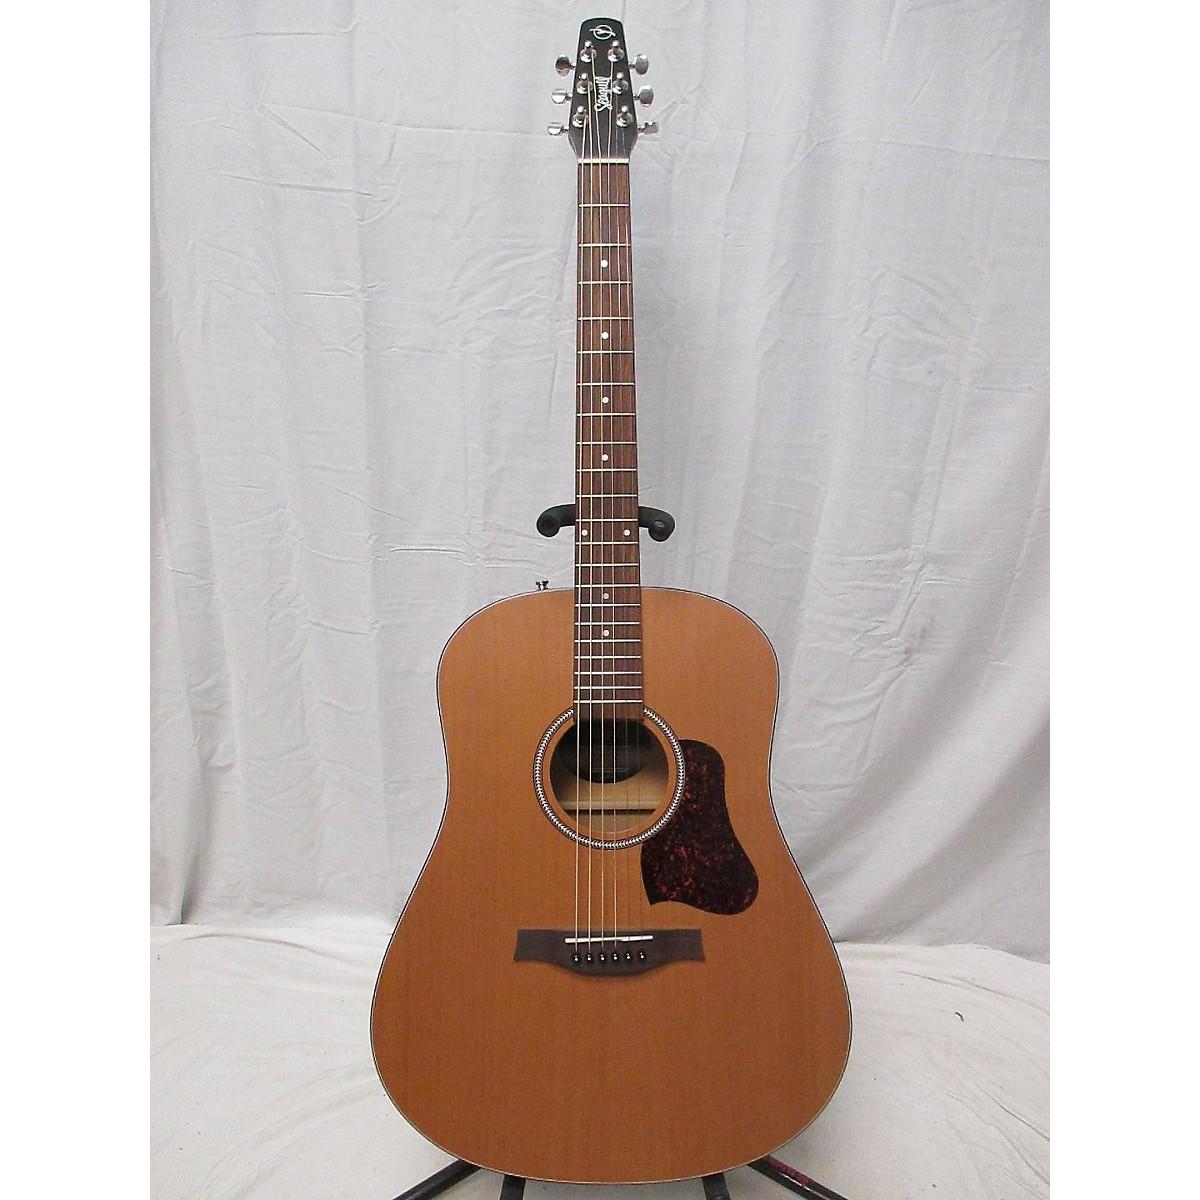 Seagull S6 ORIGINAL SLIM Acoustic Guitar